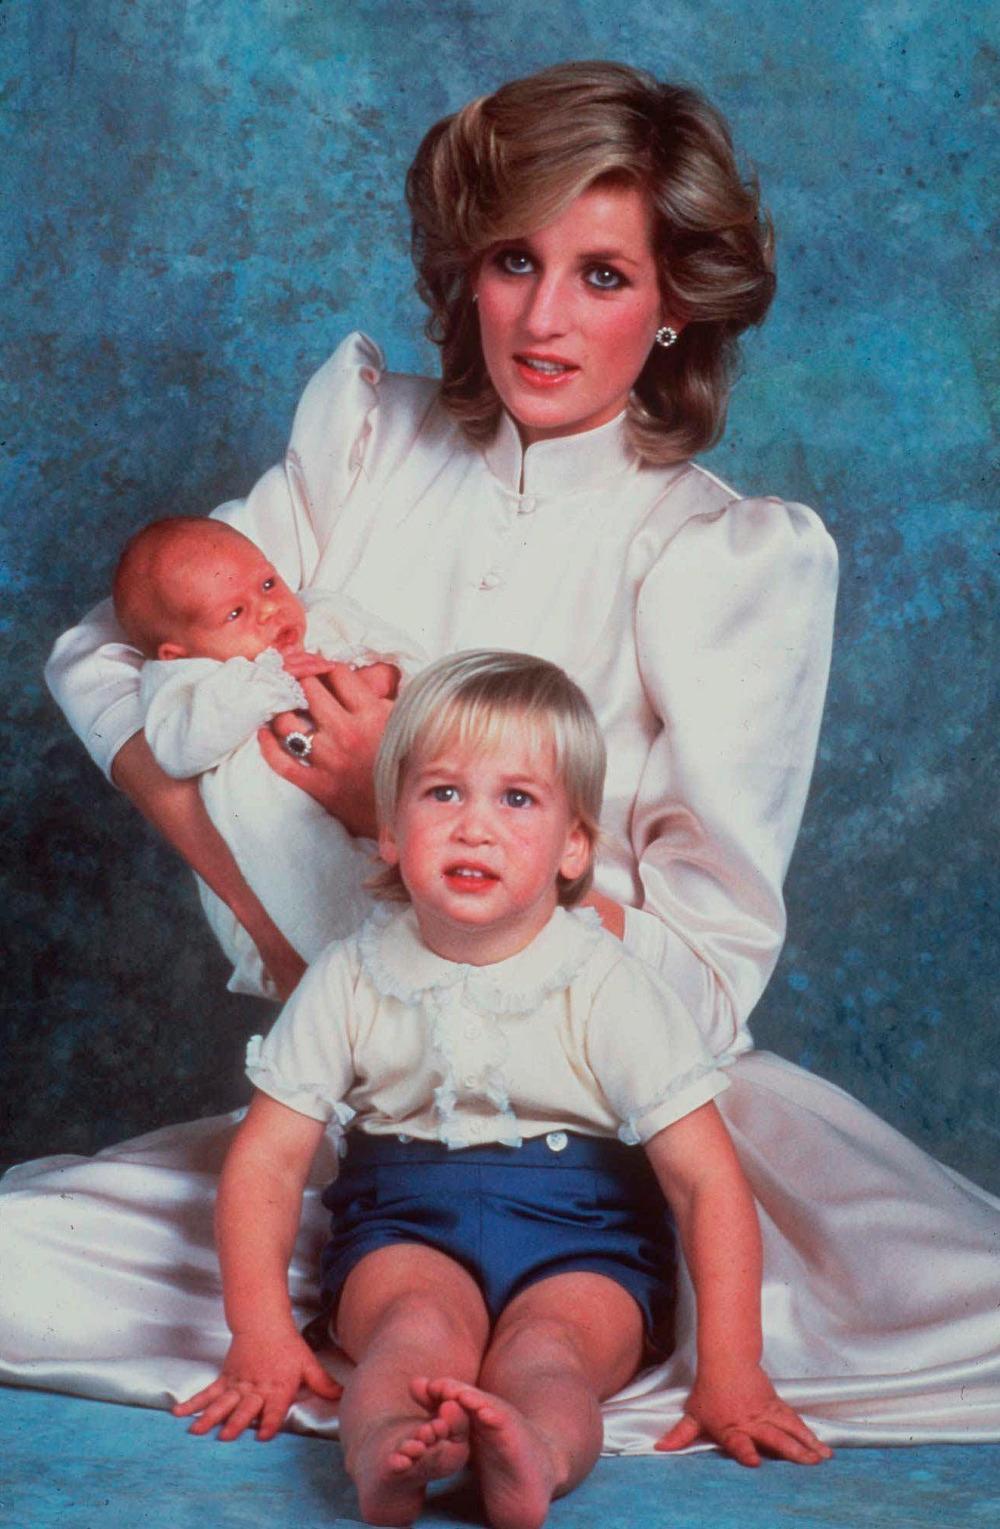 Η πριγκίπισσα Νταϊάνα με τον νεογέννητο Χάρι και τον πρίγκιπα Γουίλιαμ